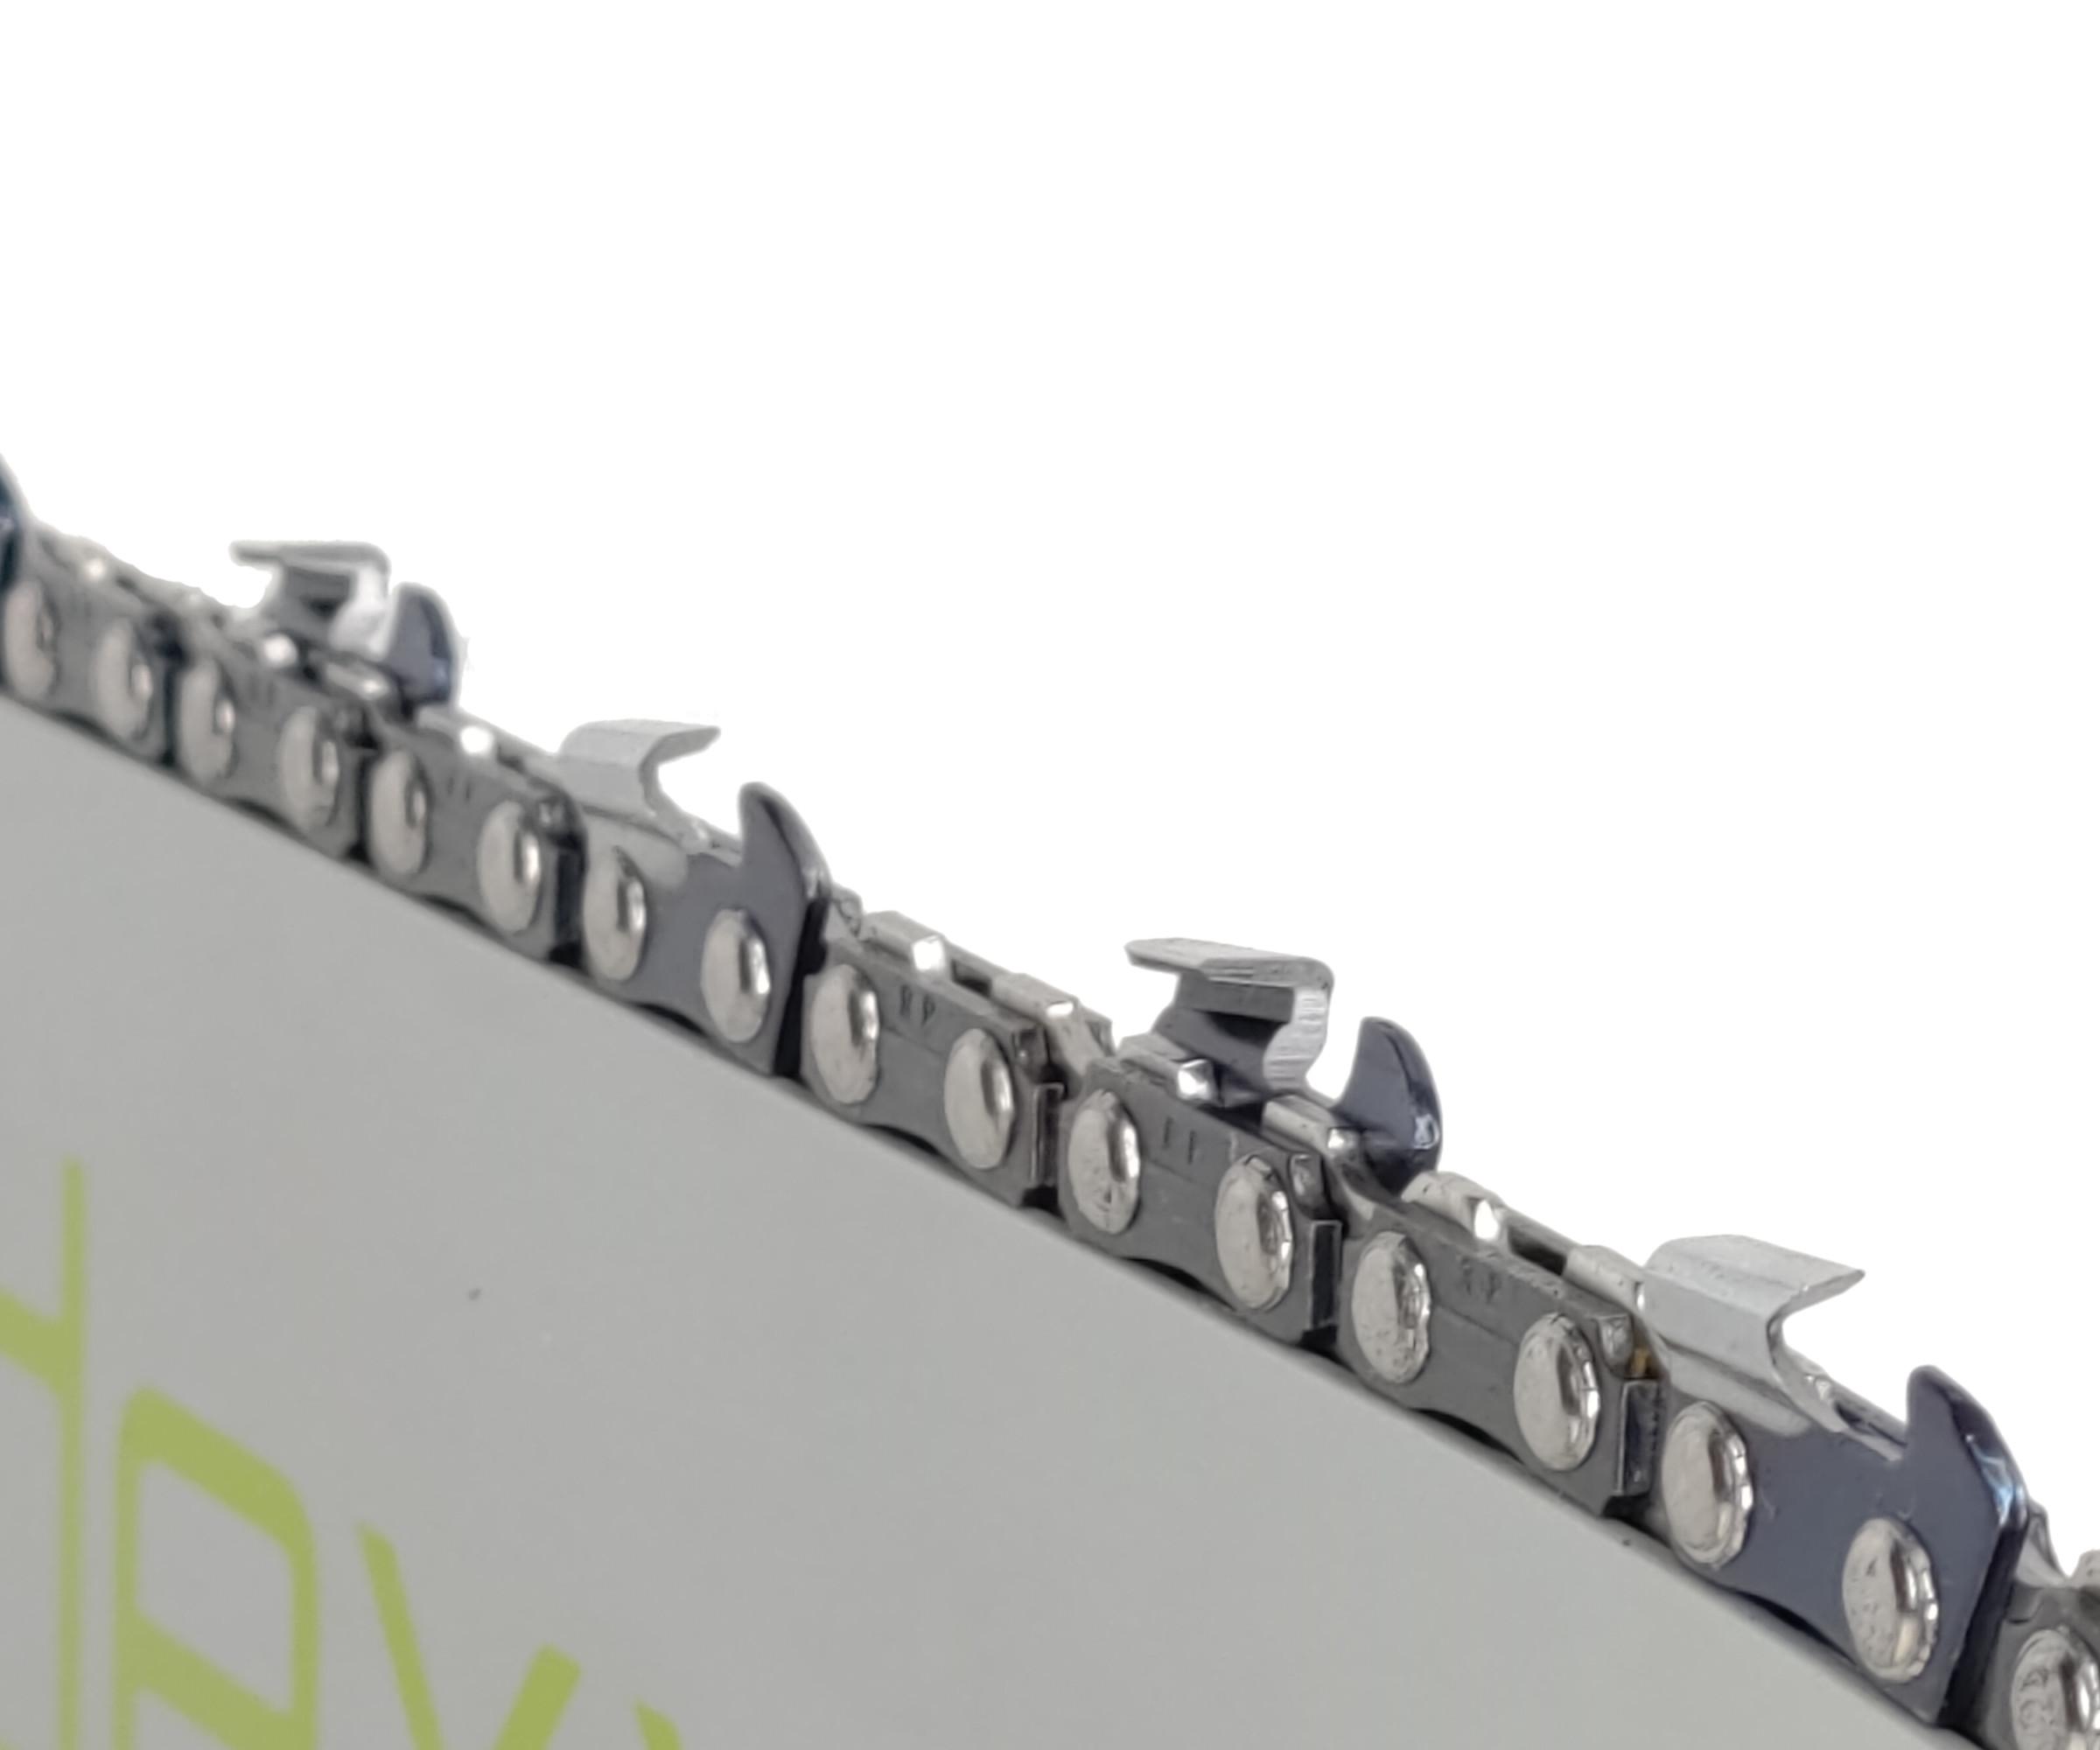 Kette Ersatzkette Sägekette für MATRIX EPS-HT 710 S